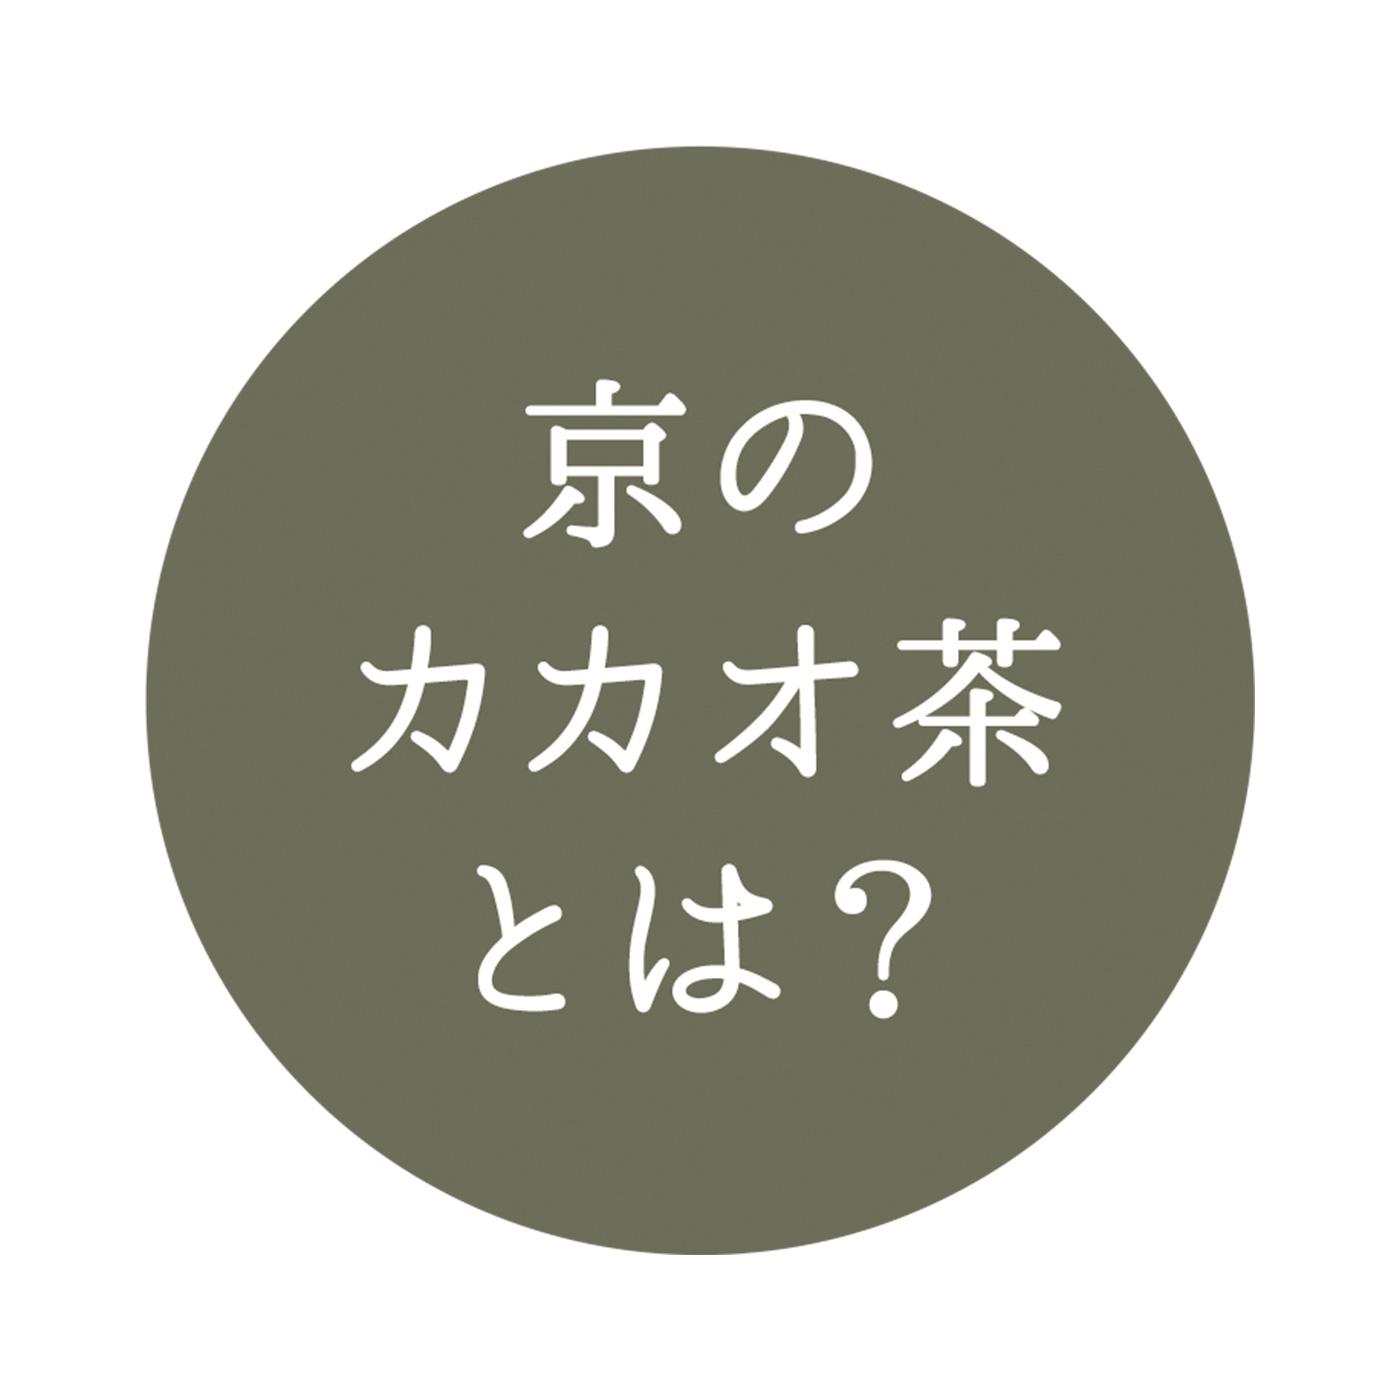 通常のカカオ茶は、カカオ豆の皮のみでできていて、煮出さないと飲めません。「Dari K」ではそれをチョコの原料であるカカオニブを使用し、茶葉の産地、京都・和束町の茶園と試作を続け、京都紅茶のやわらかい口当たりとカカオ豆独特の香りで手軽に飲めるティーバッグタイプのお茶に仕上げました。